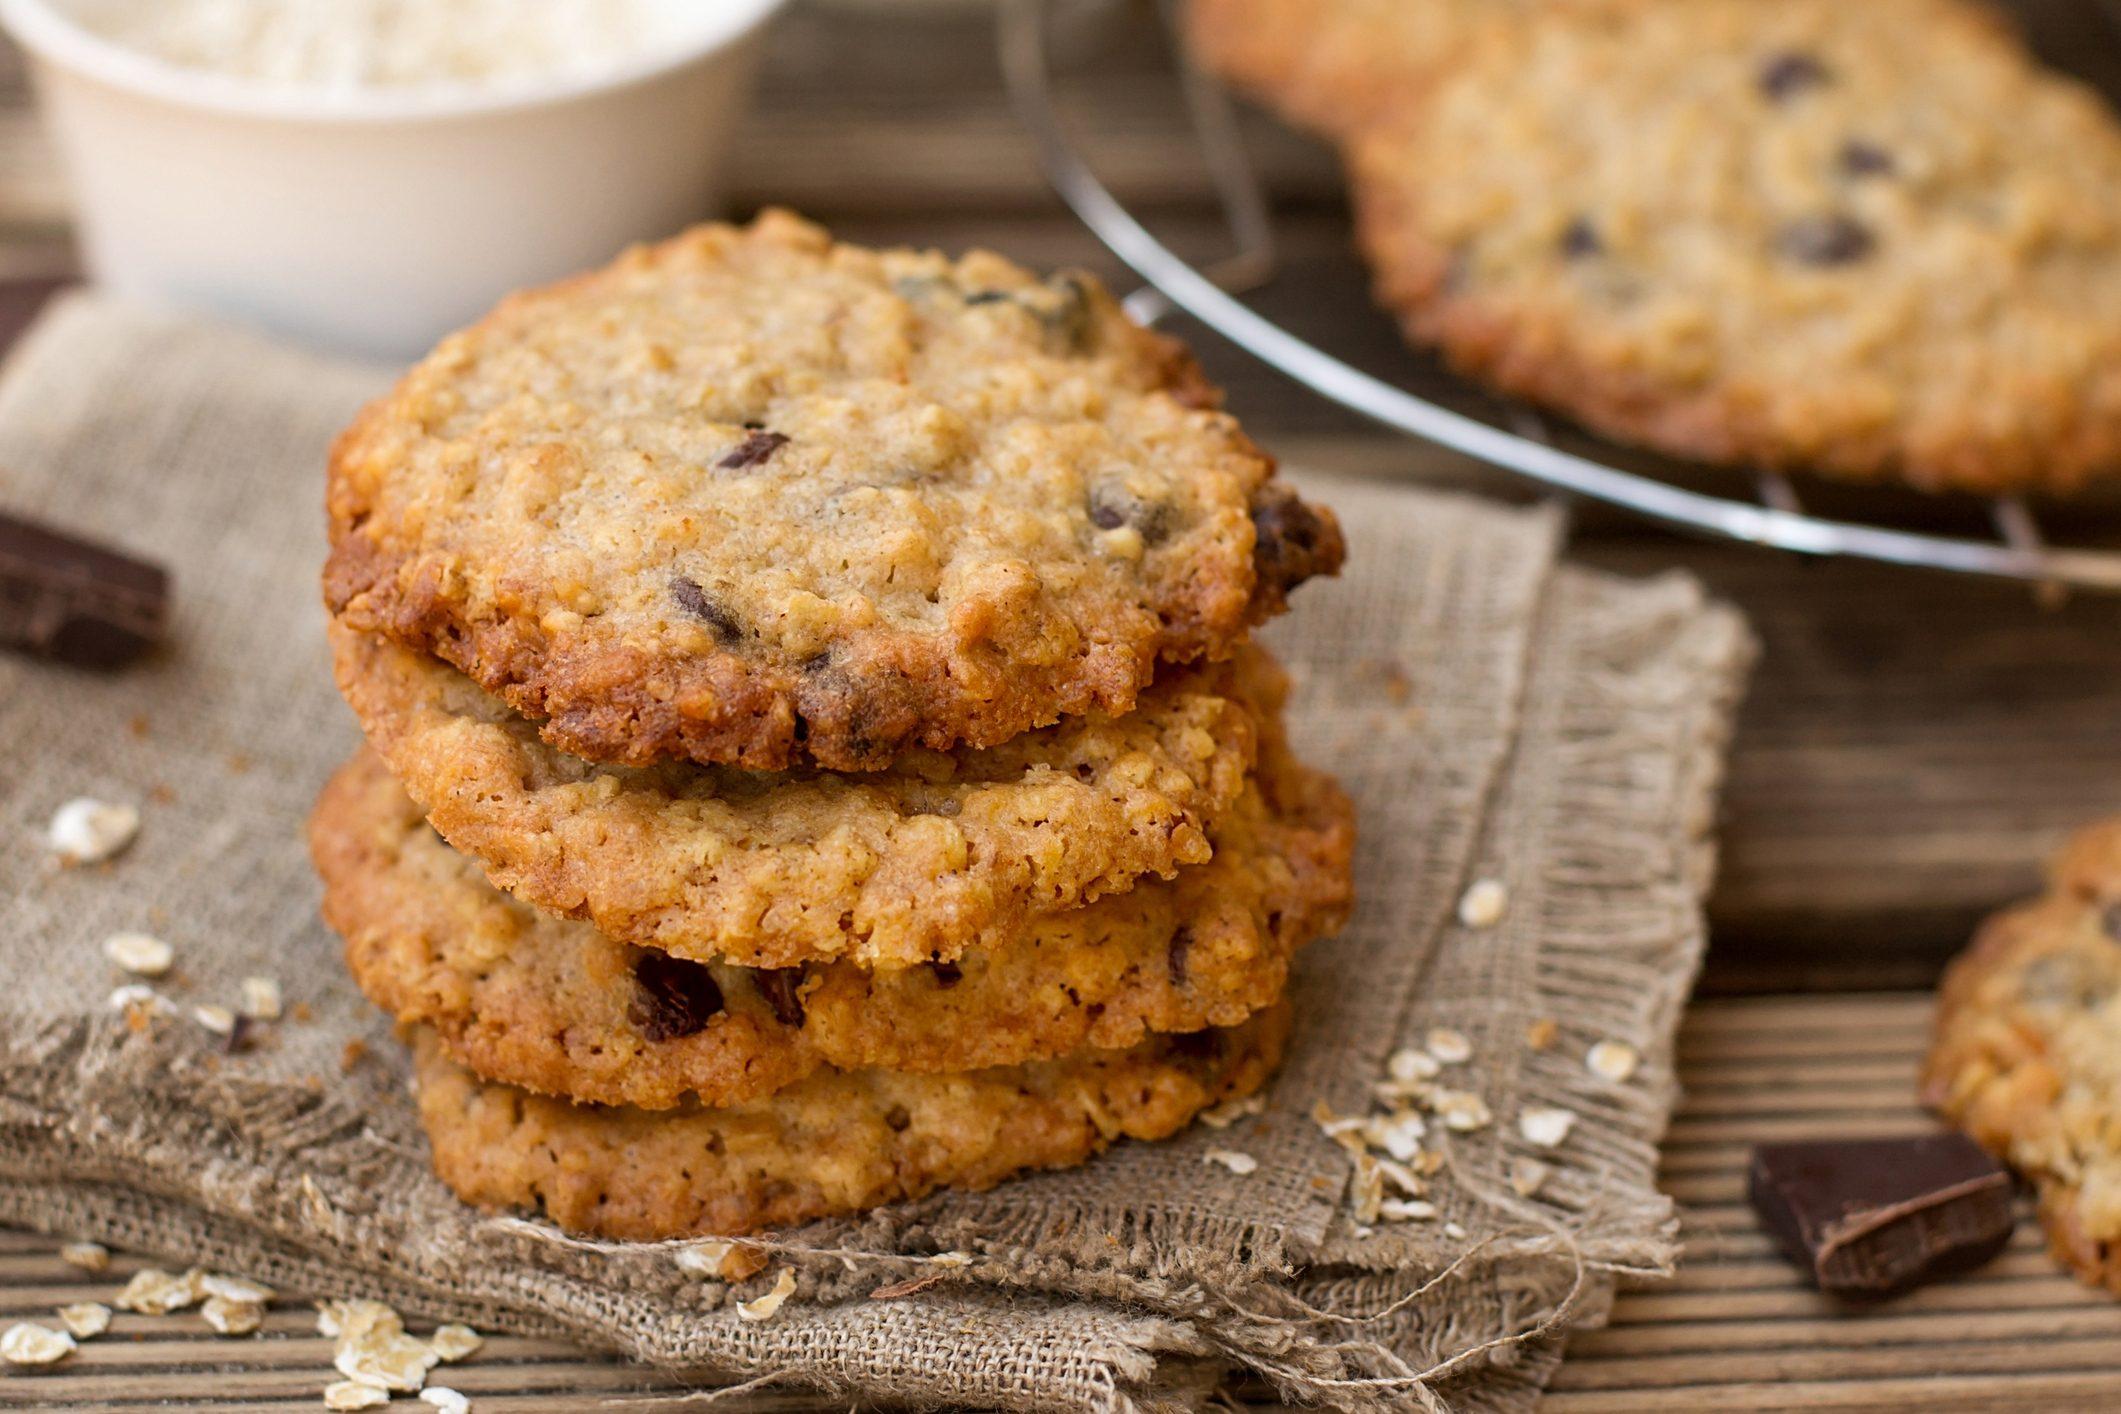 oatcake-glasgow-cosa-mangiare